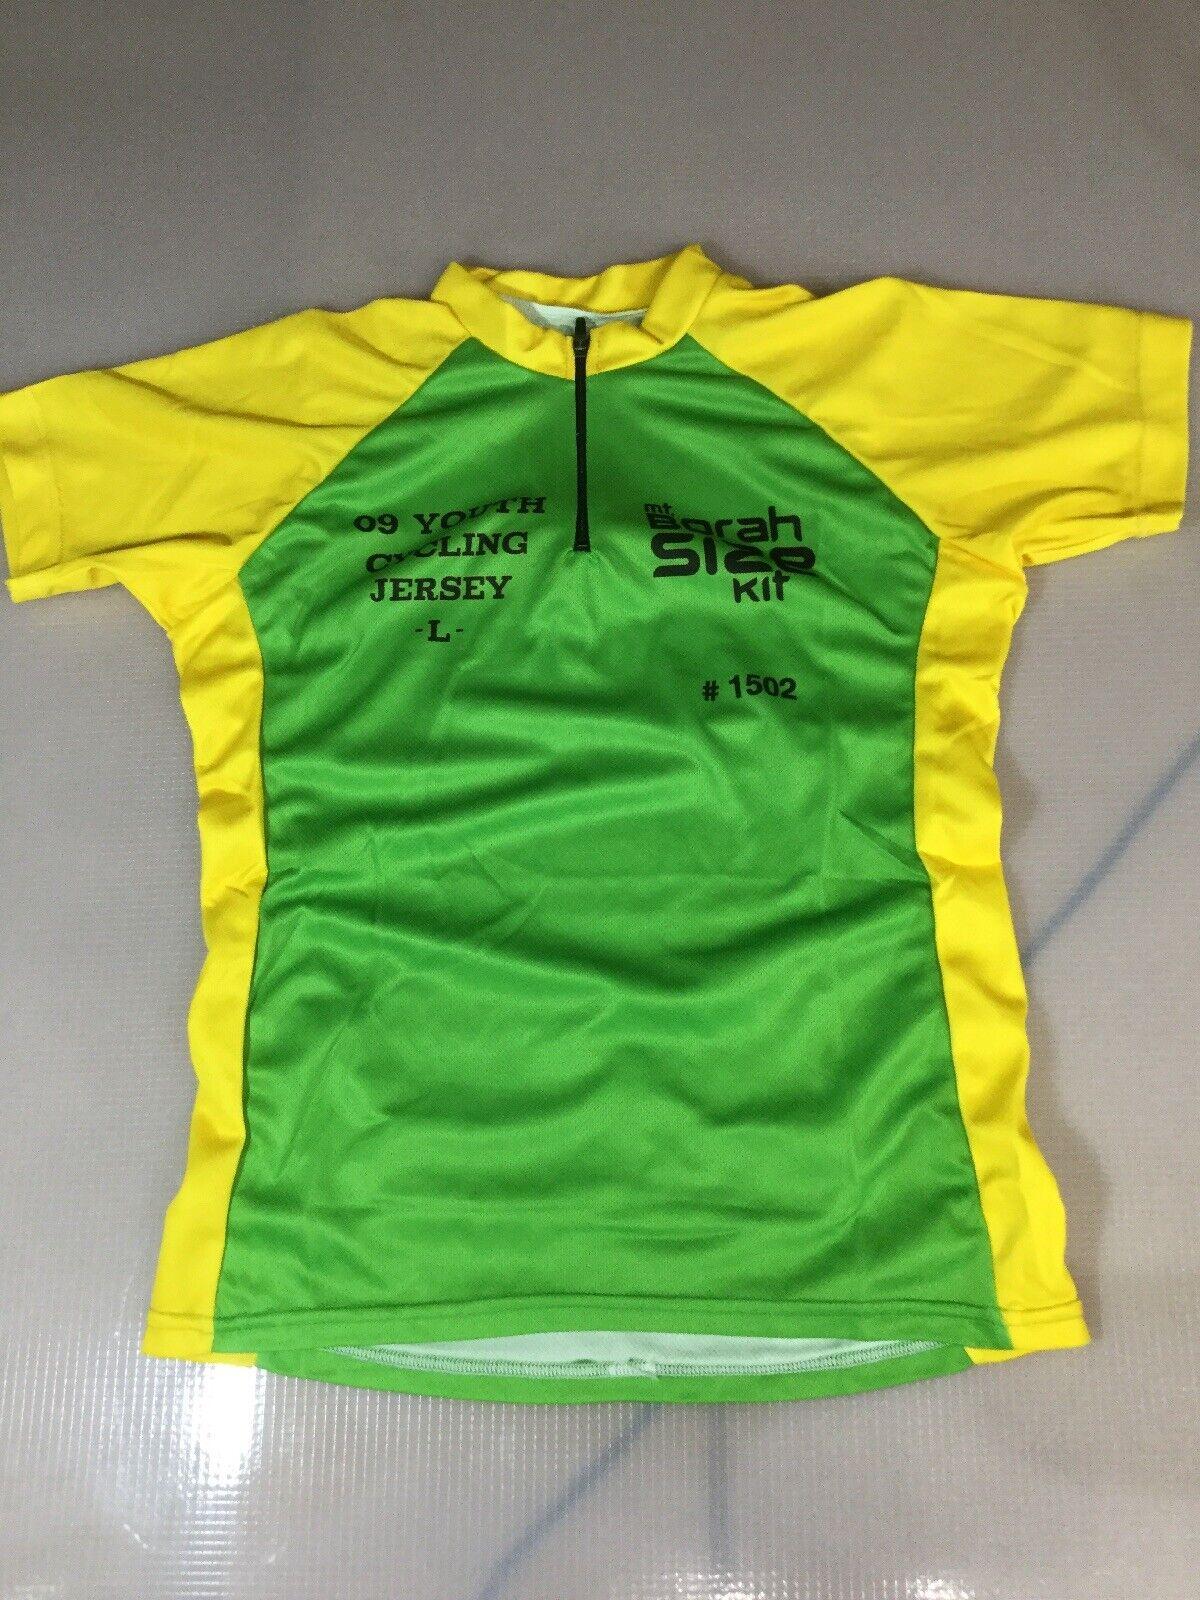 6910-86 Mt Borah Teamwear Cycling Headband Sweatband One Size